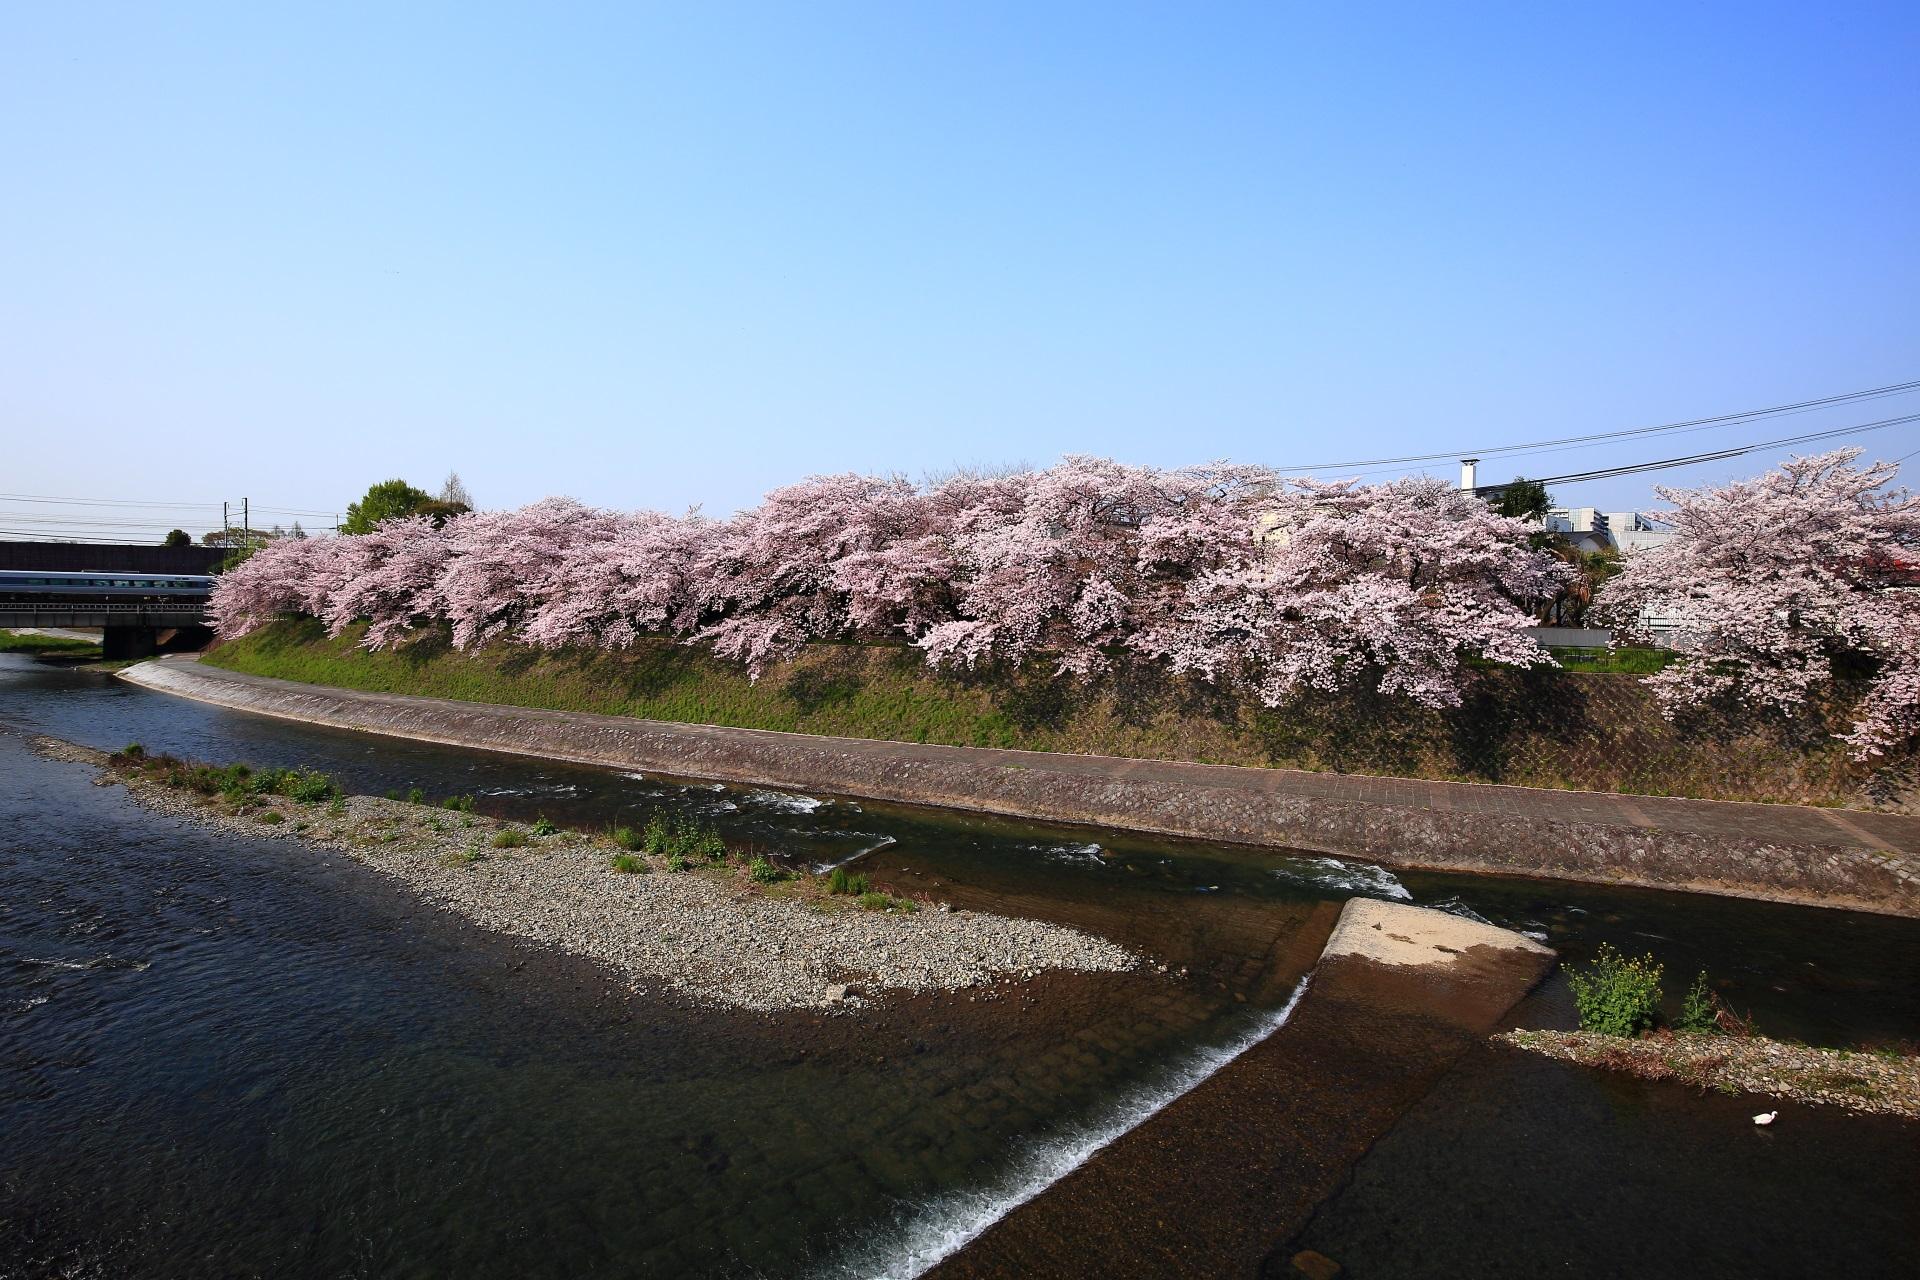 鴨川 塩小路の桜 何気に凄い名もなき桜